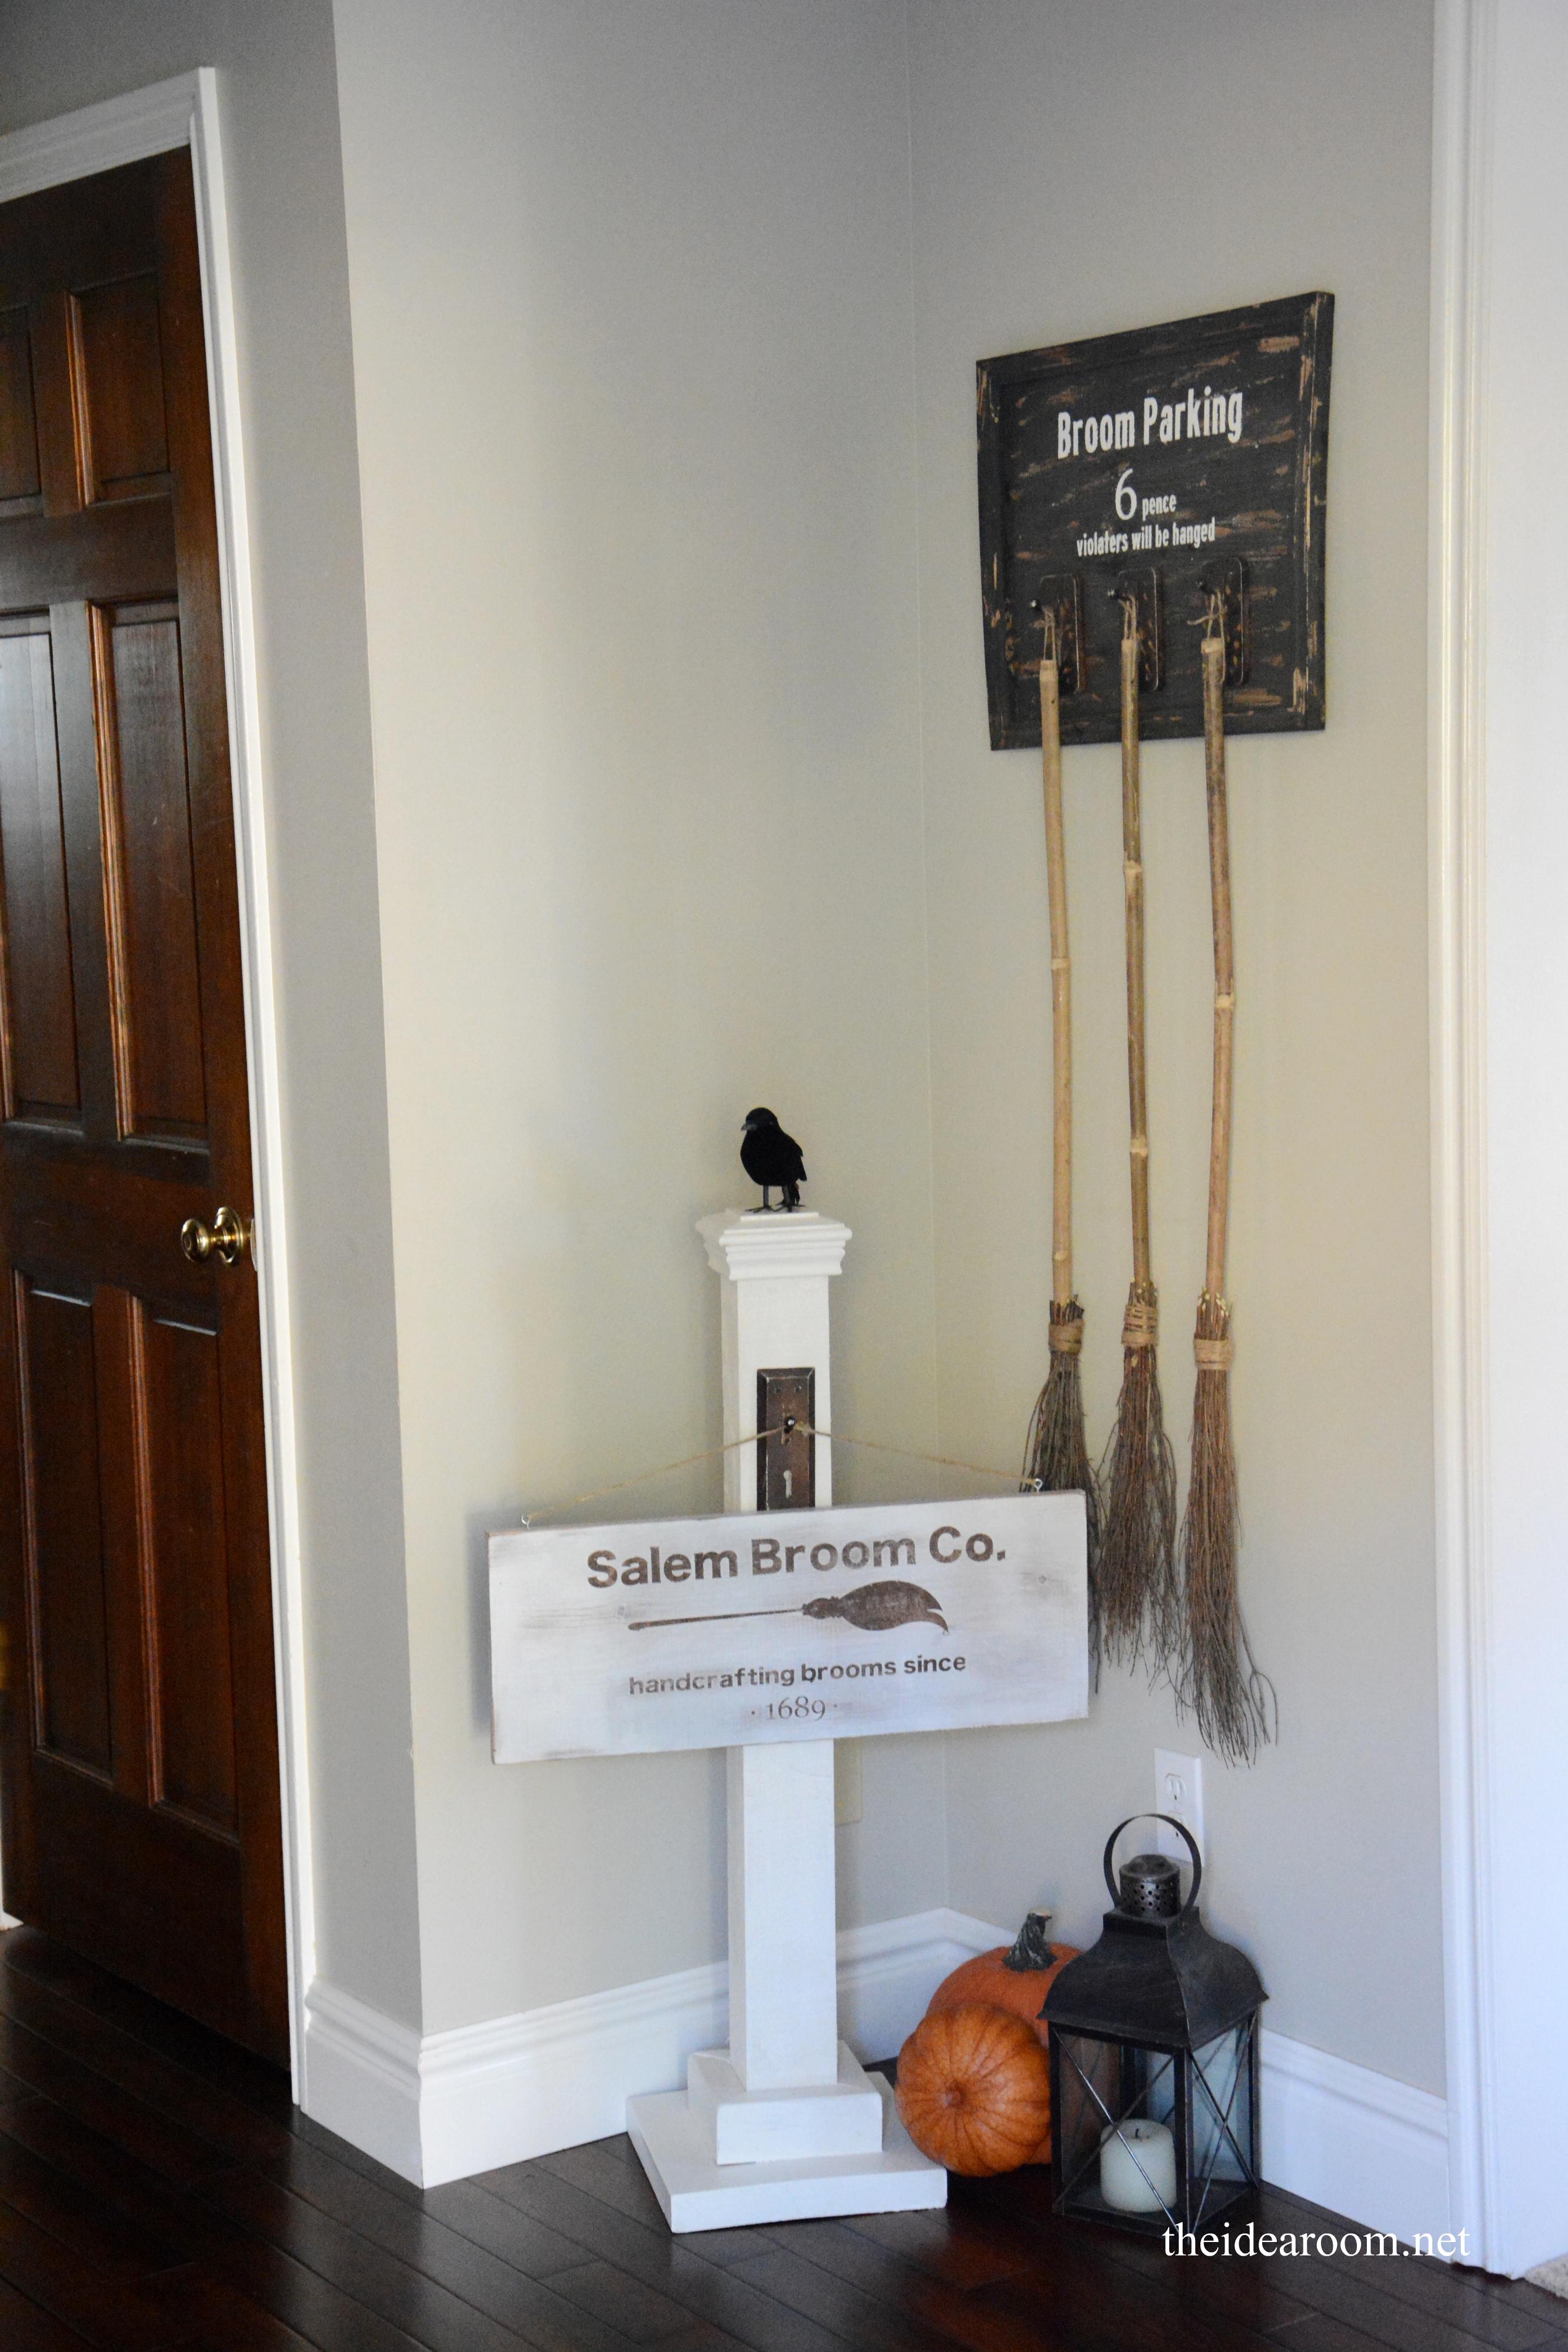 Salem Broom Co. 8